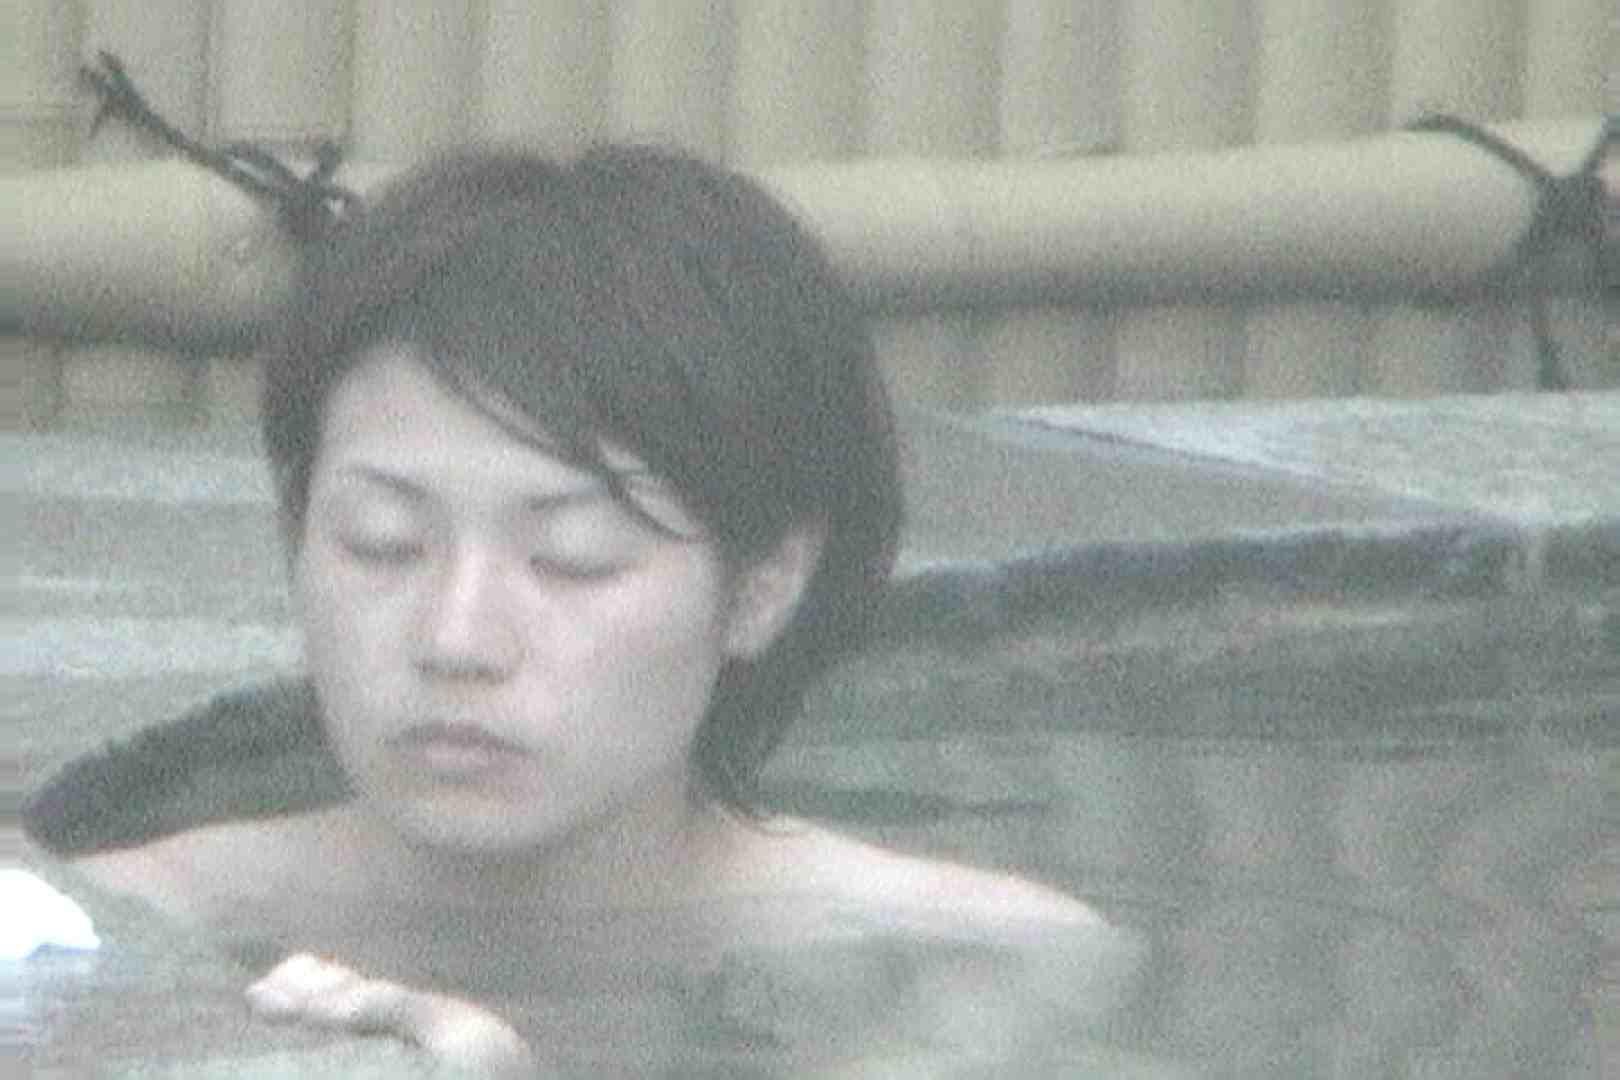 Aquaな露天風呂Vol.100【VIP限定】 盗撮 | 露天  98pic 50